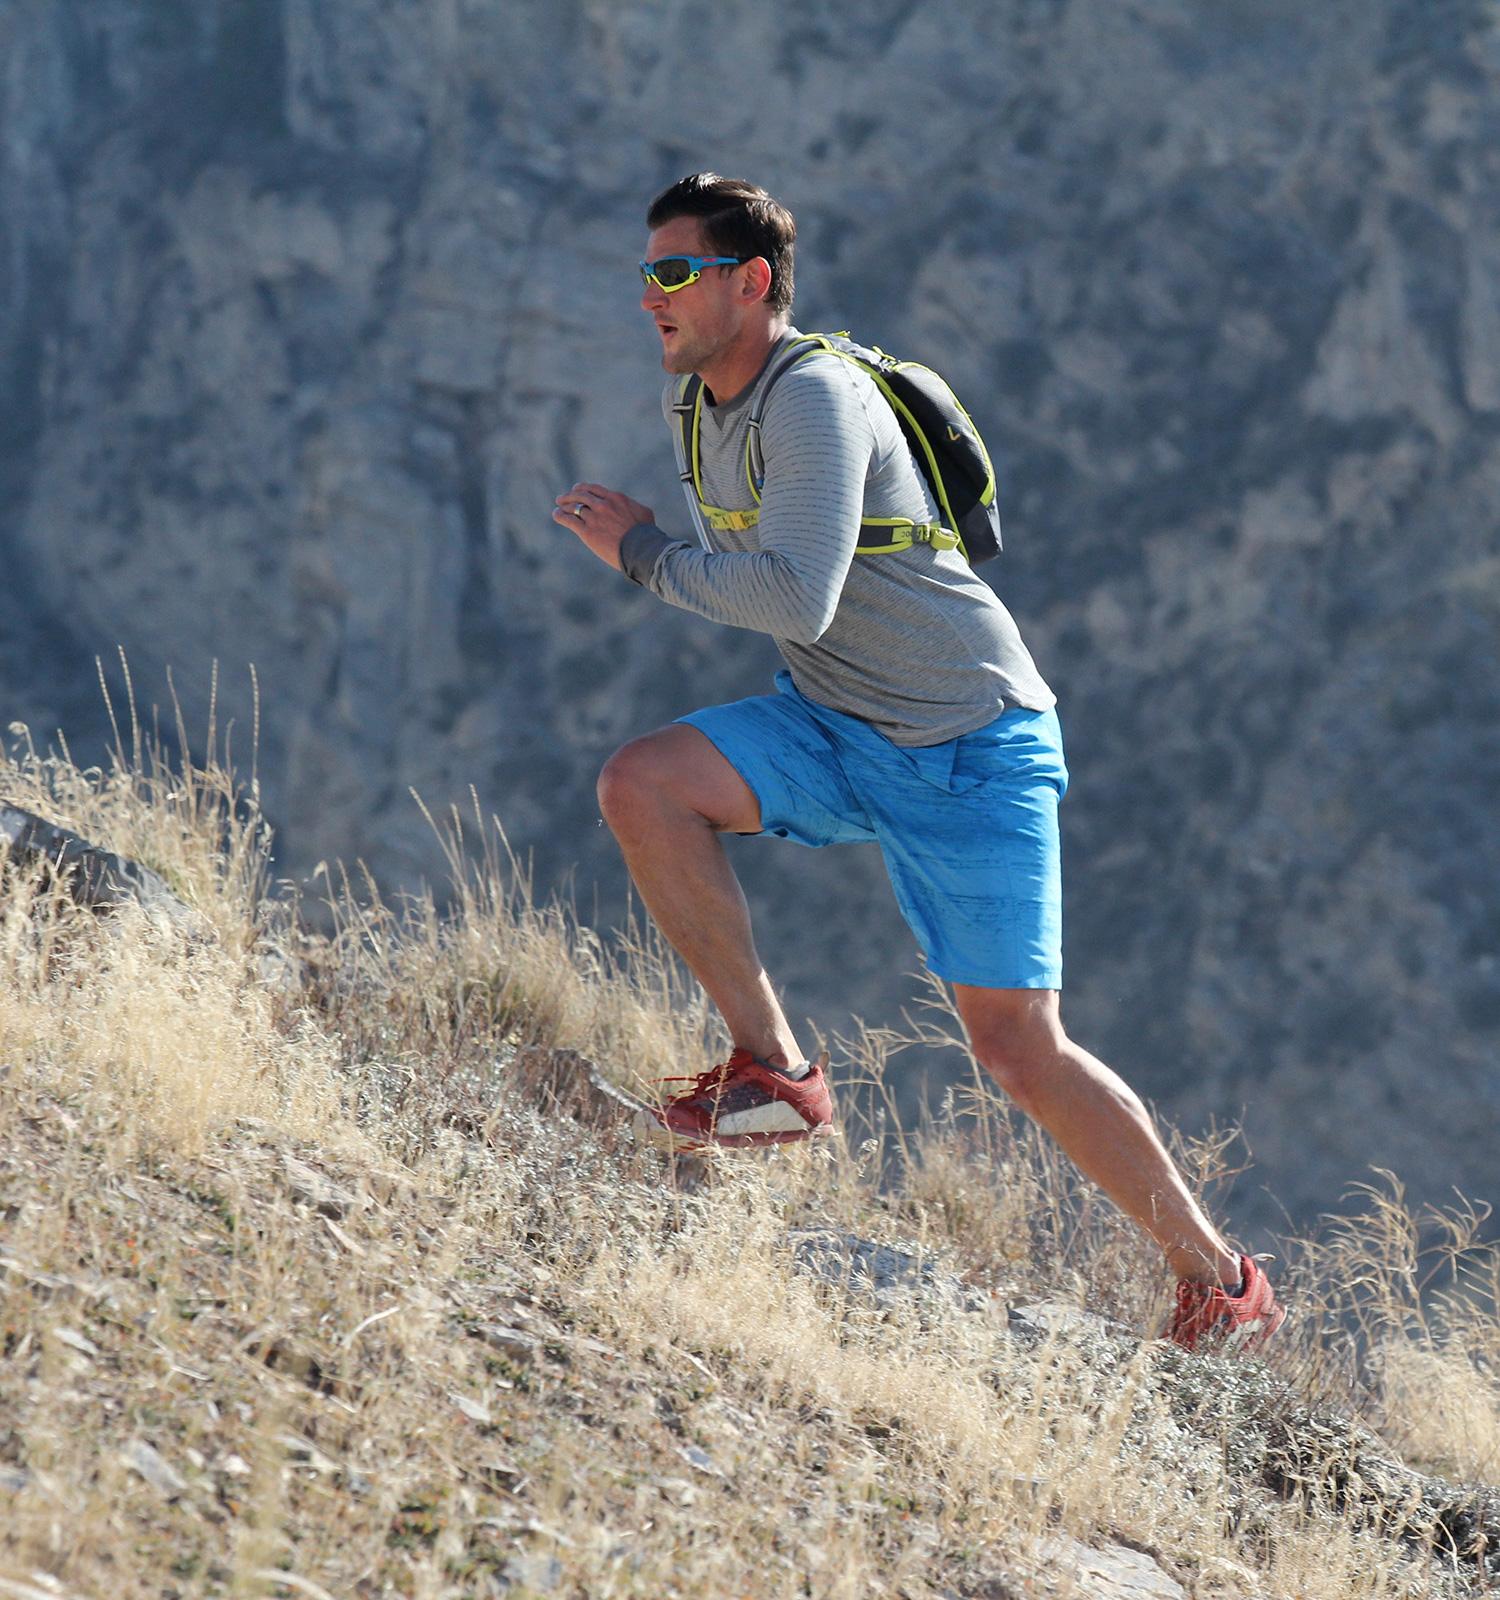 burke-alder-trail-runner-utah.jpg